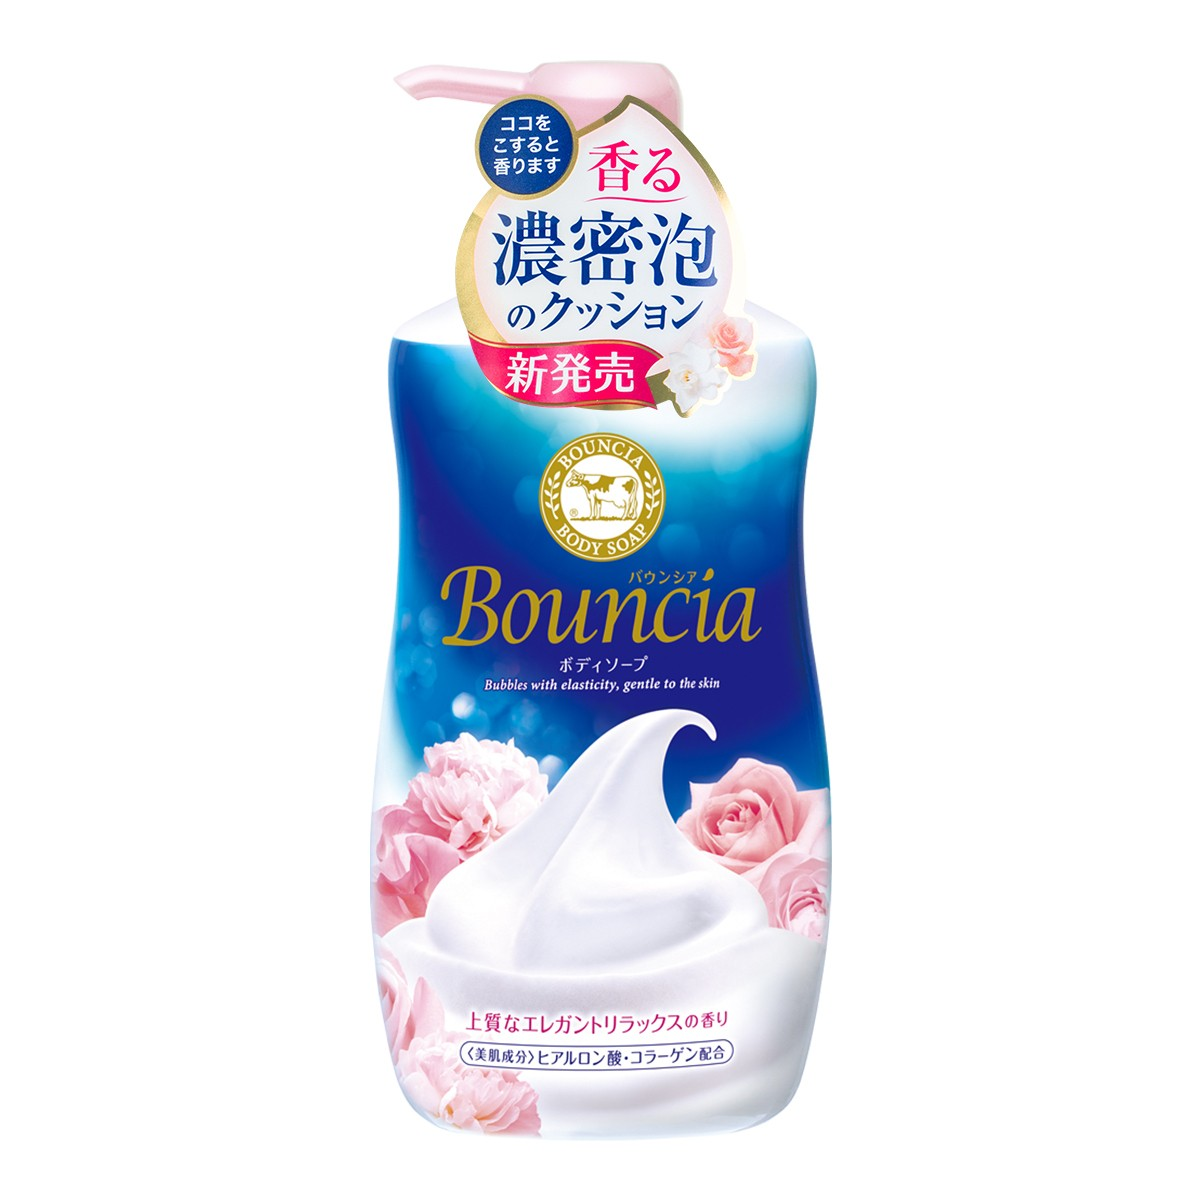 COW Bouncia Rose Body Soap 550ml